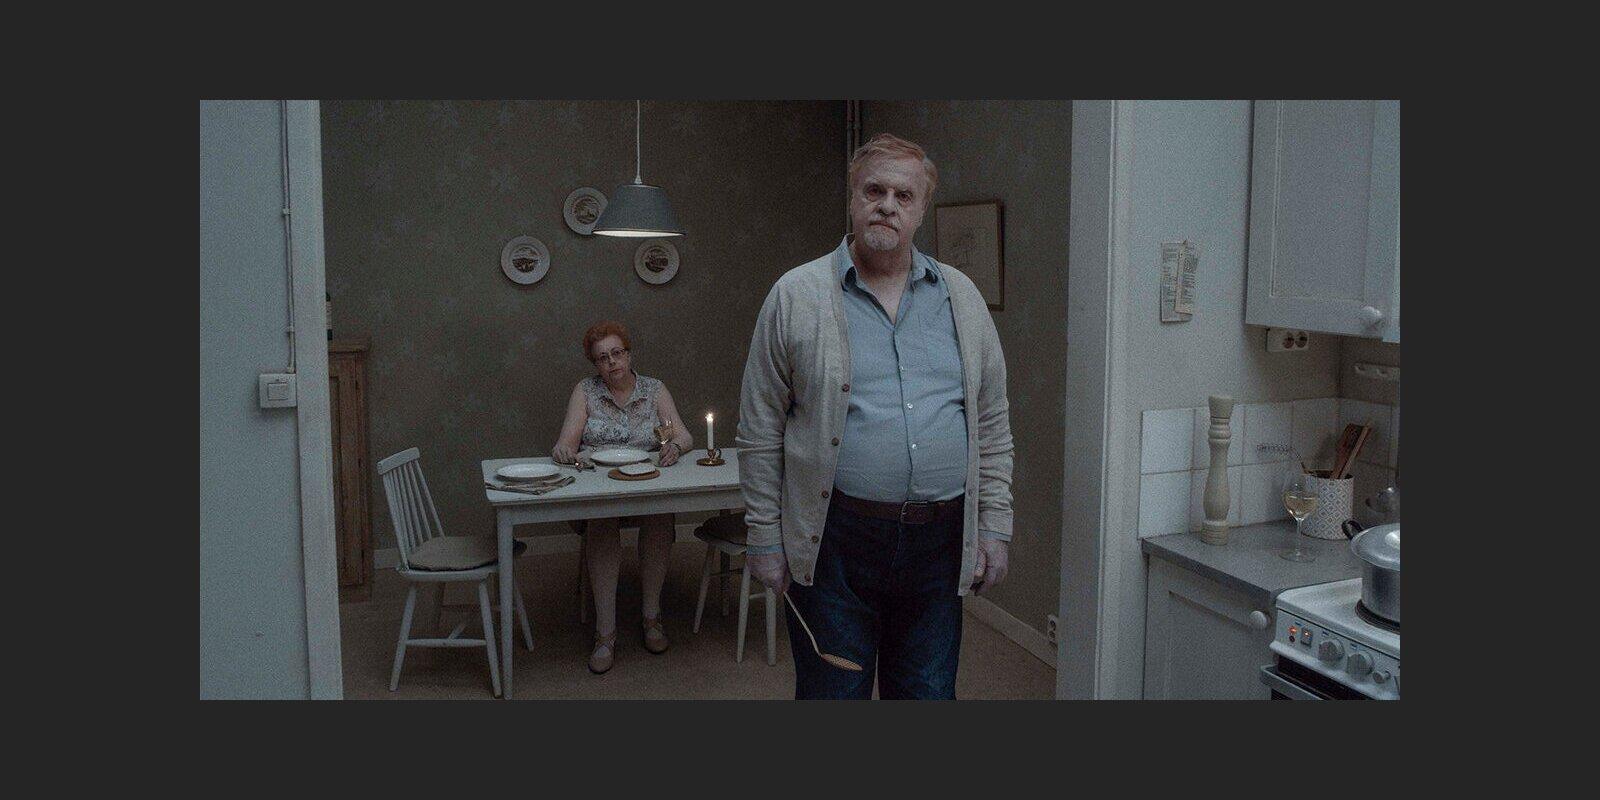 No septembra kinoteātros skatāma Andersona filma 'Par bezgalīgo'